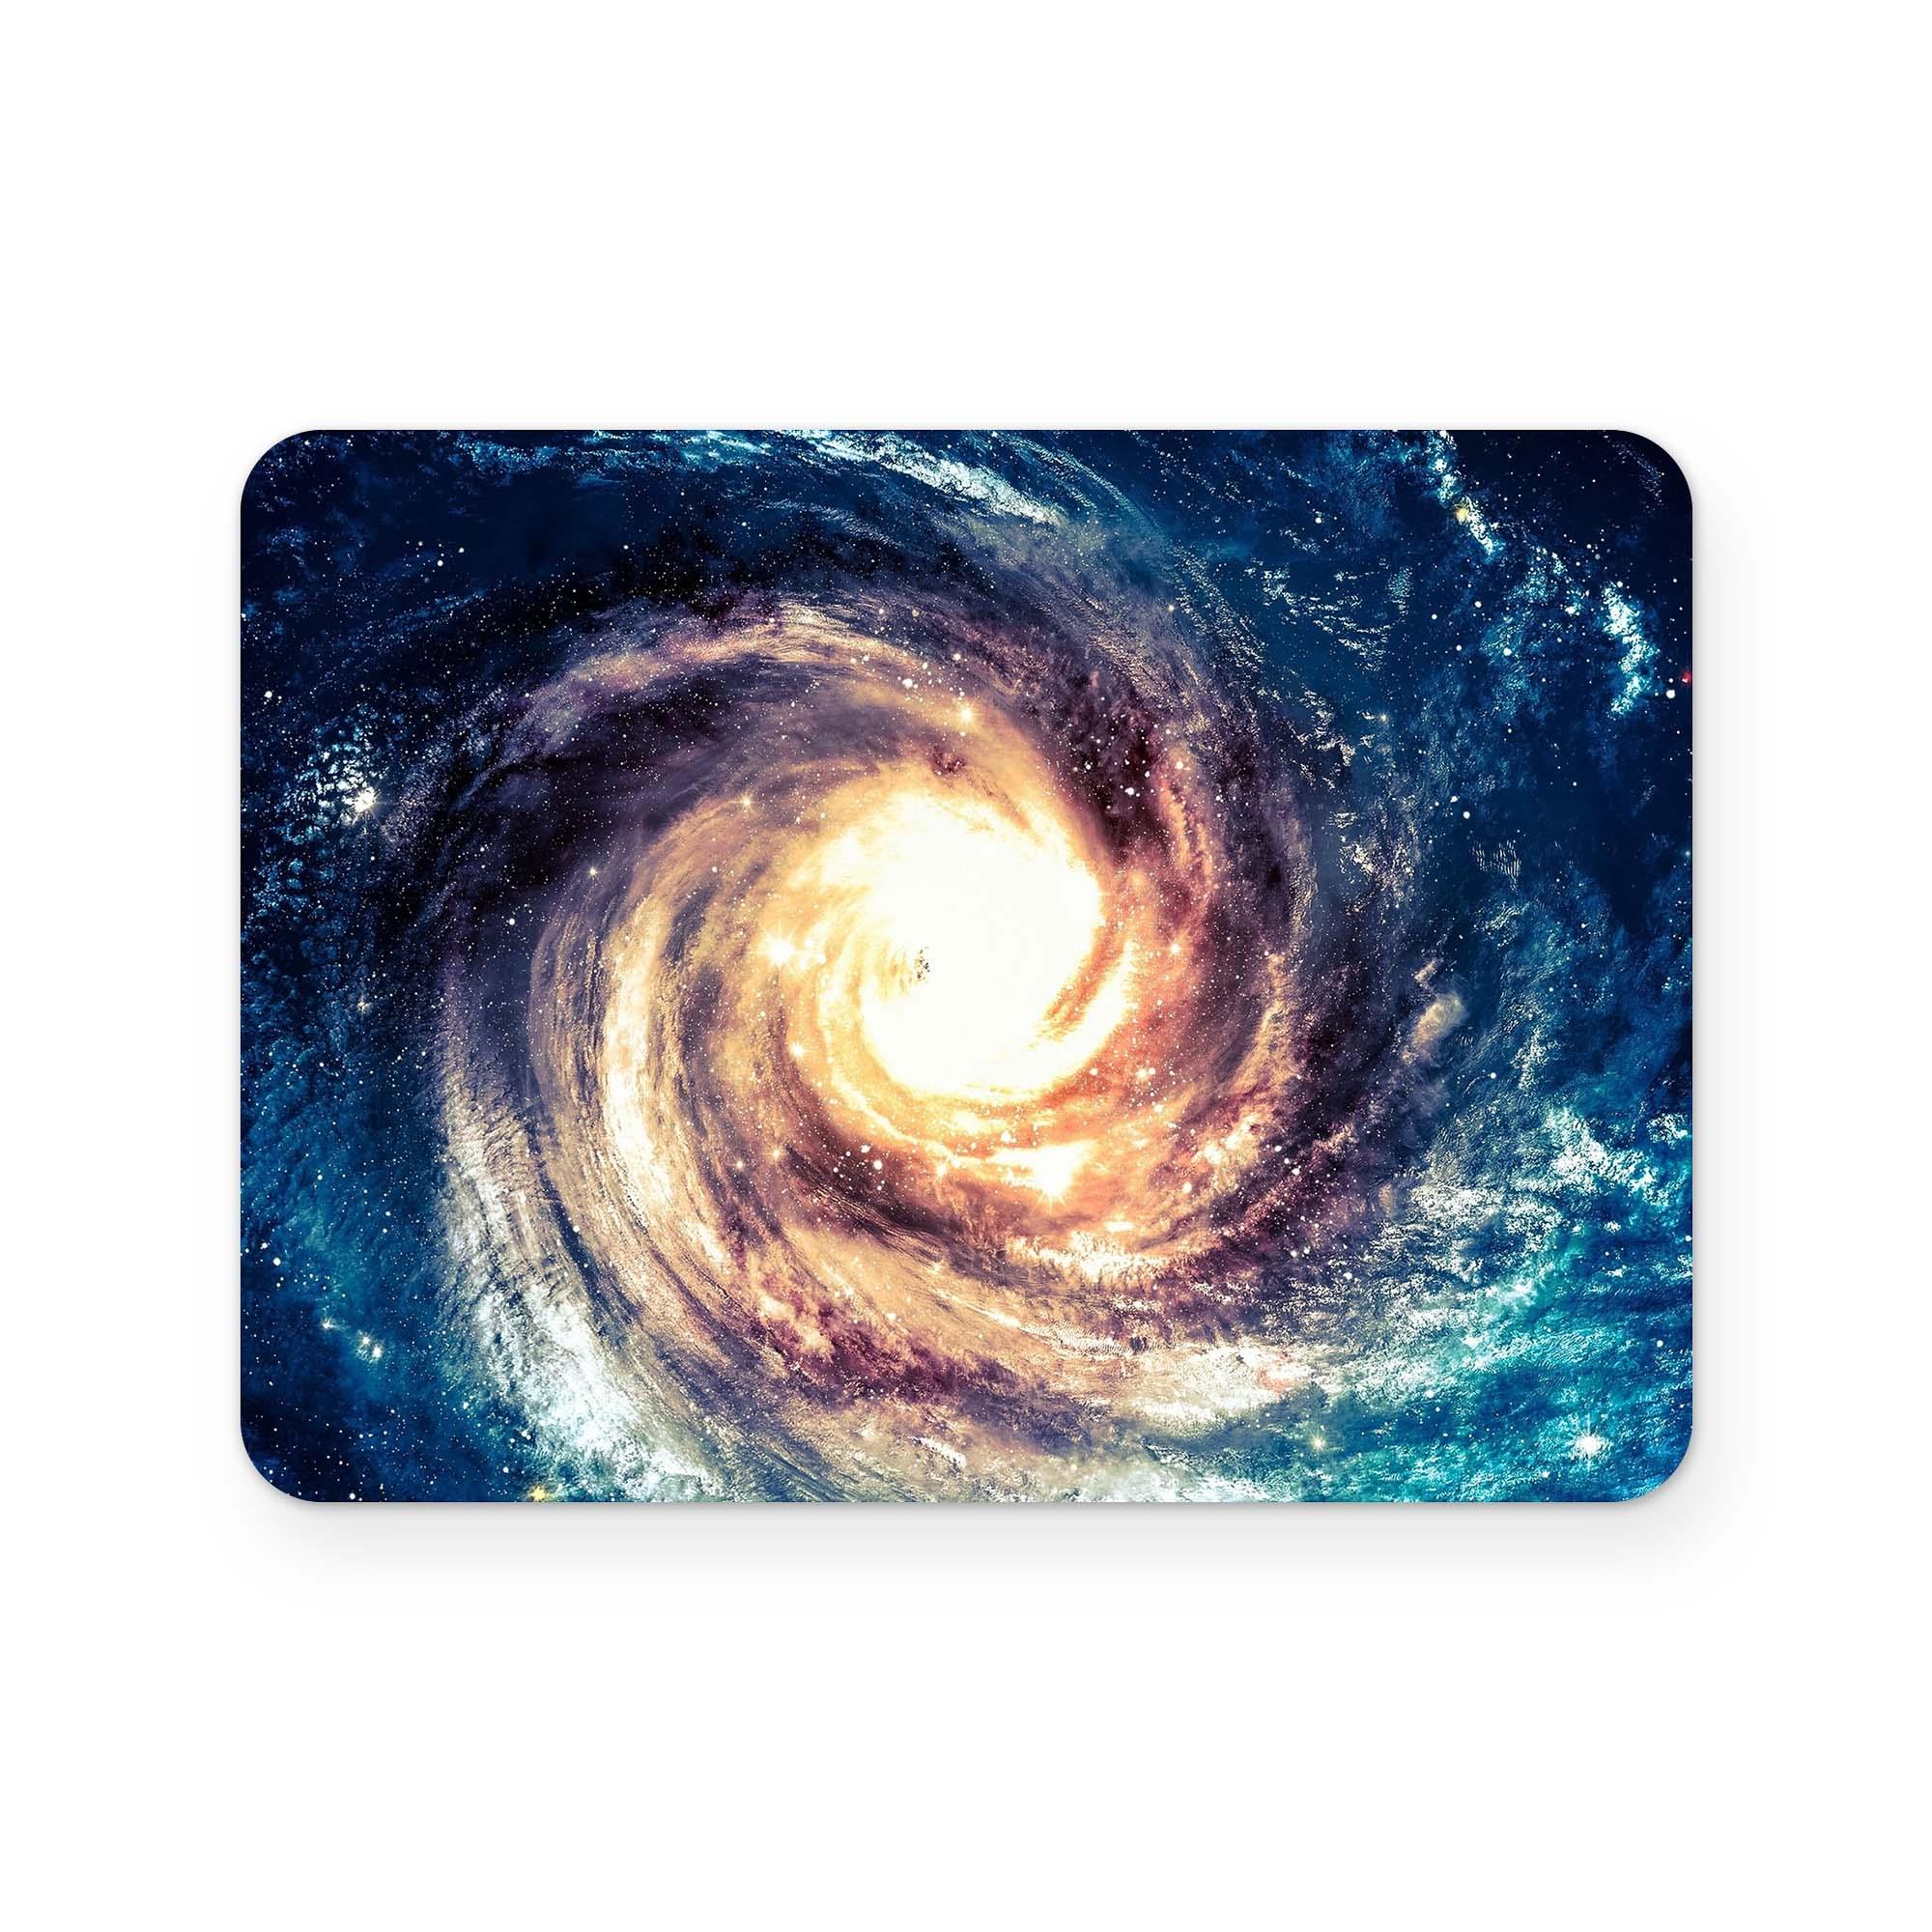 بررسی و {خرید با تخفیف} برچسب تاچ پد دسته پلی استیشن 4 ونسونی طرح Andromeda Galaxyبسته 2 عددی اصل